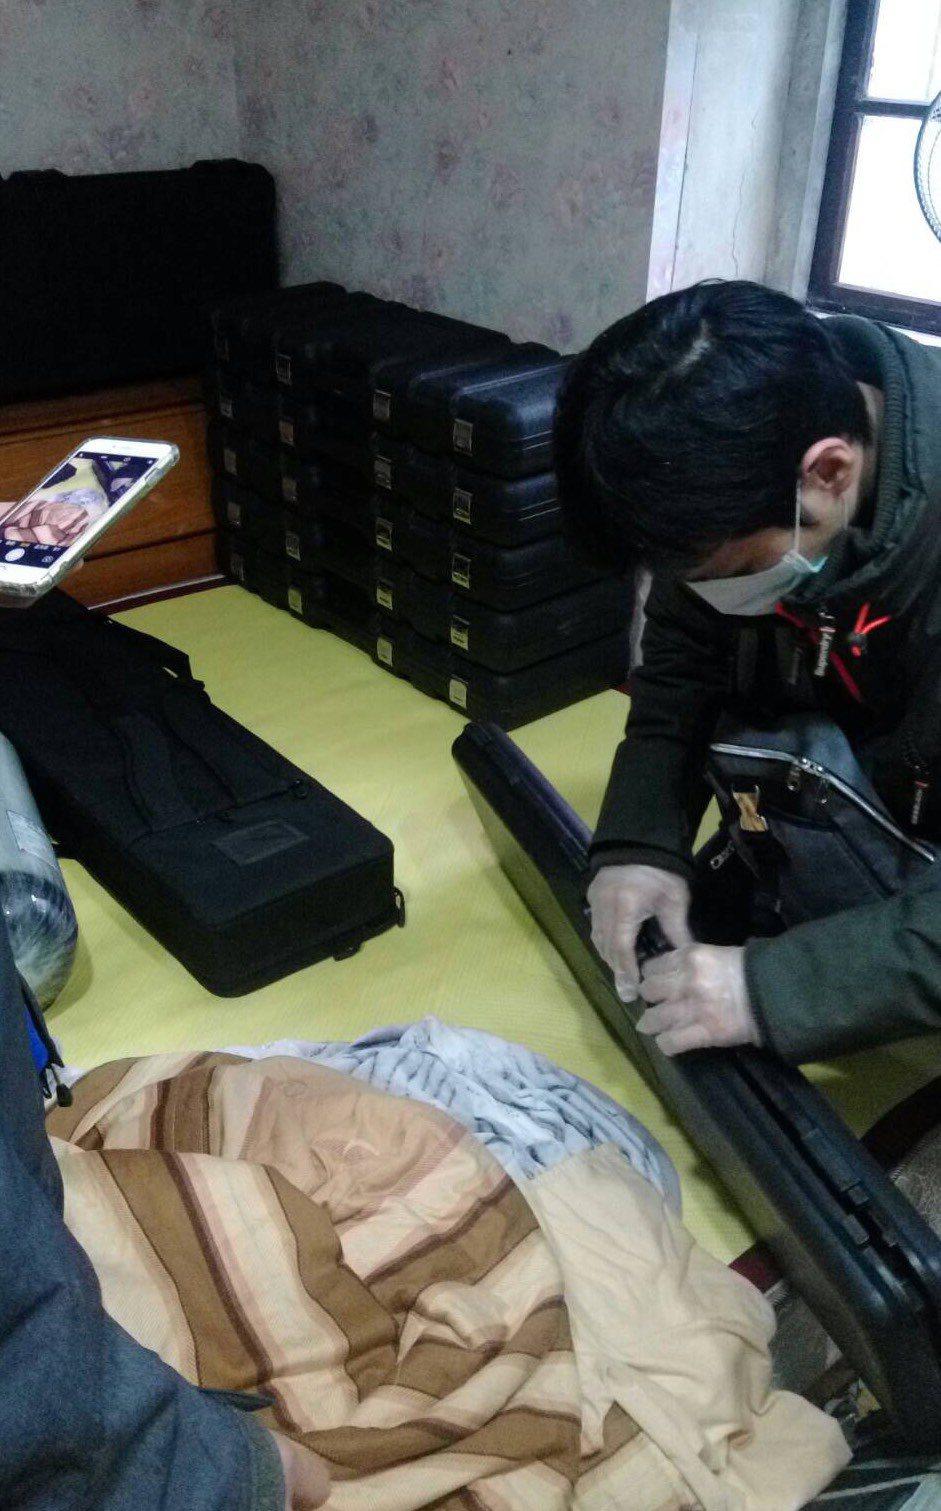 警方自宜蘭查獲大批槍枝。記者蕭雅娟/翻攝